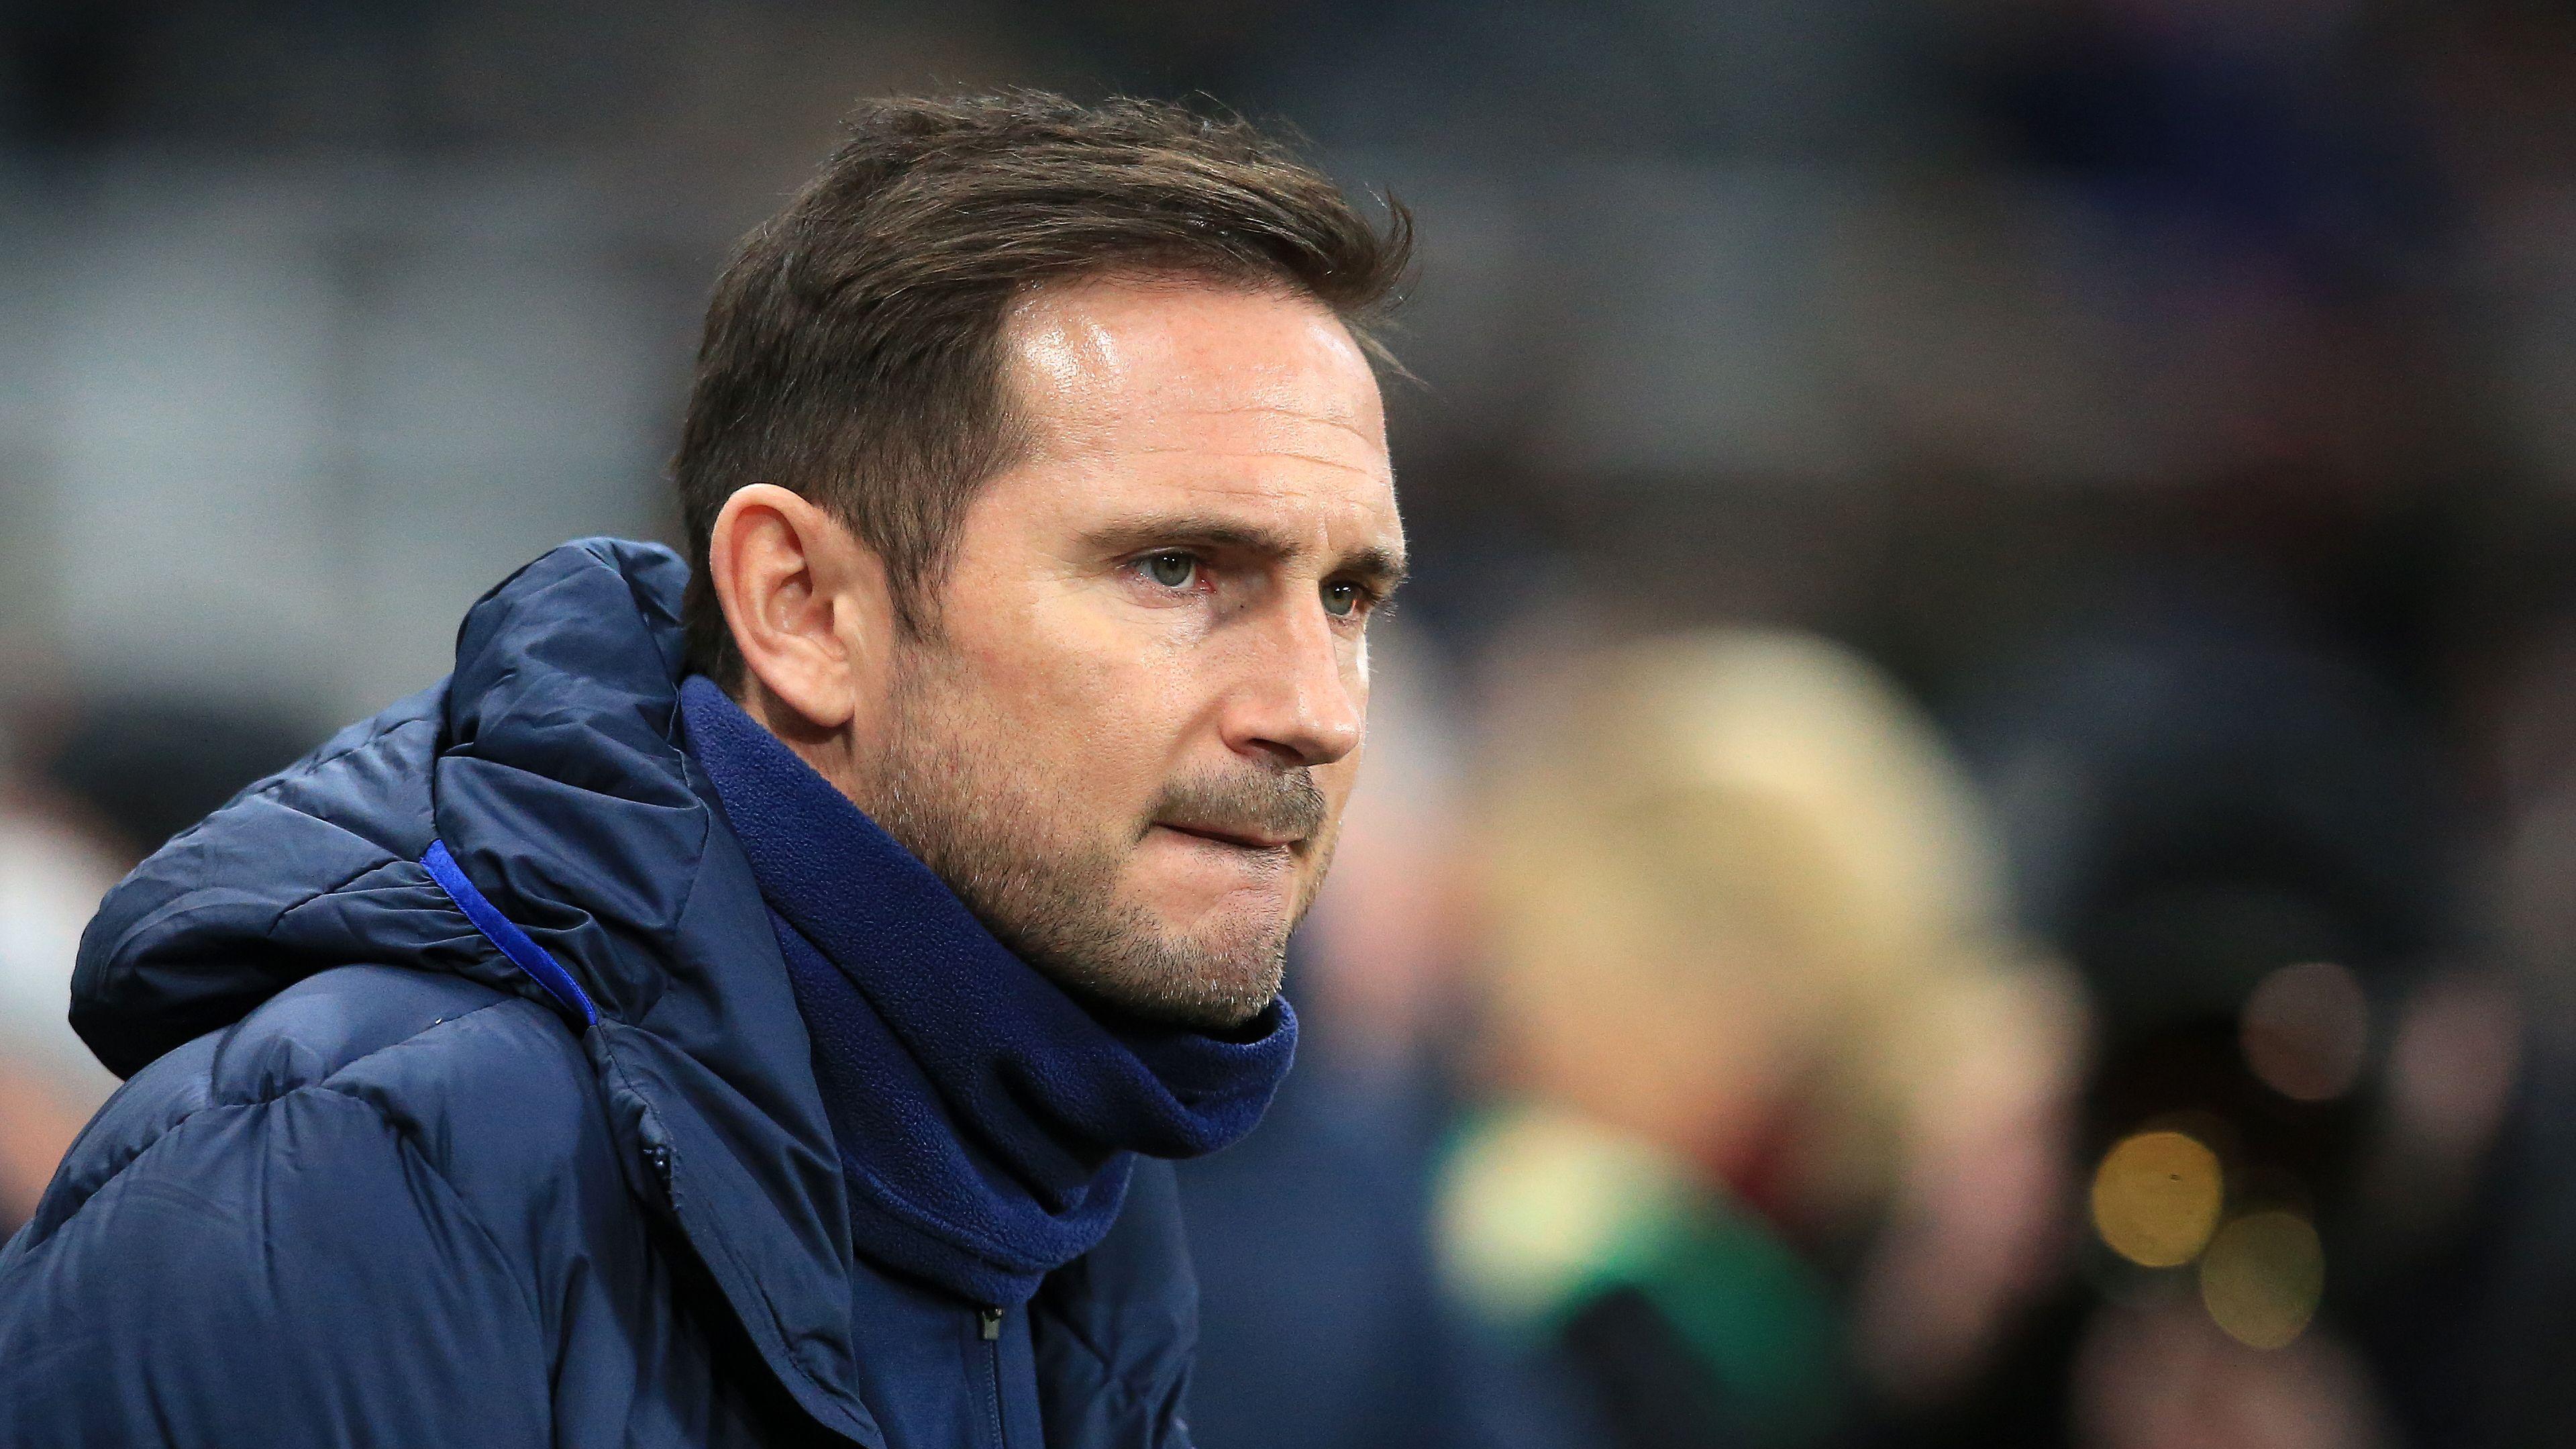 Lampard bemoans Chelsea's lack of 'killer instinct' in Newcastle defeat